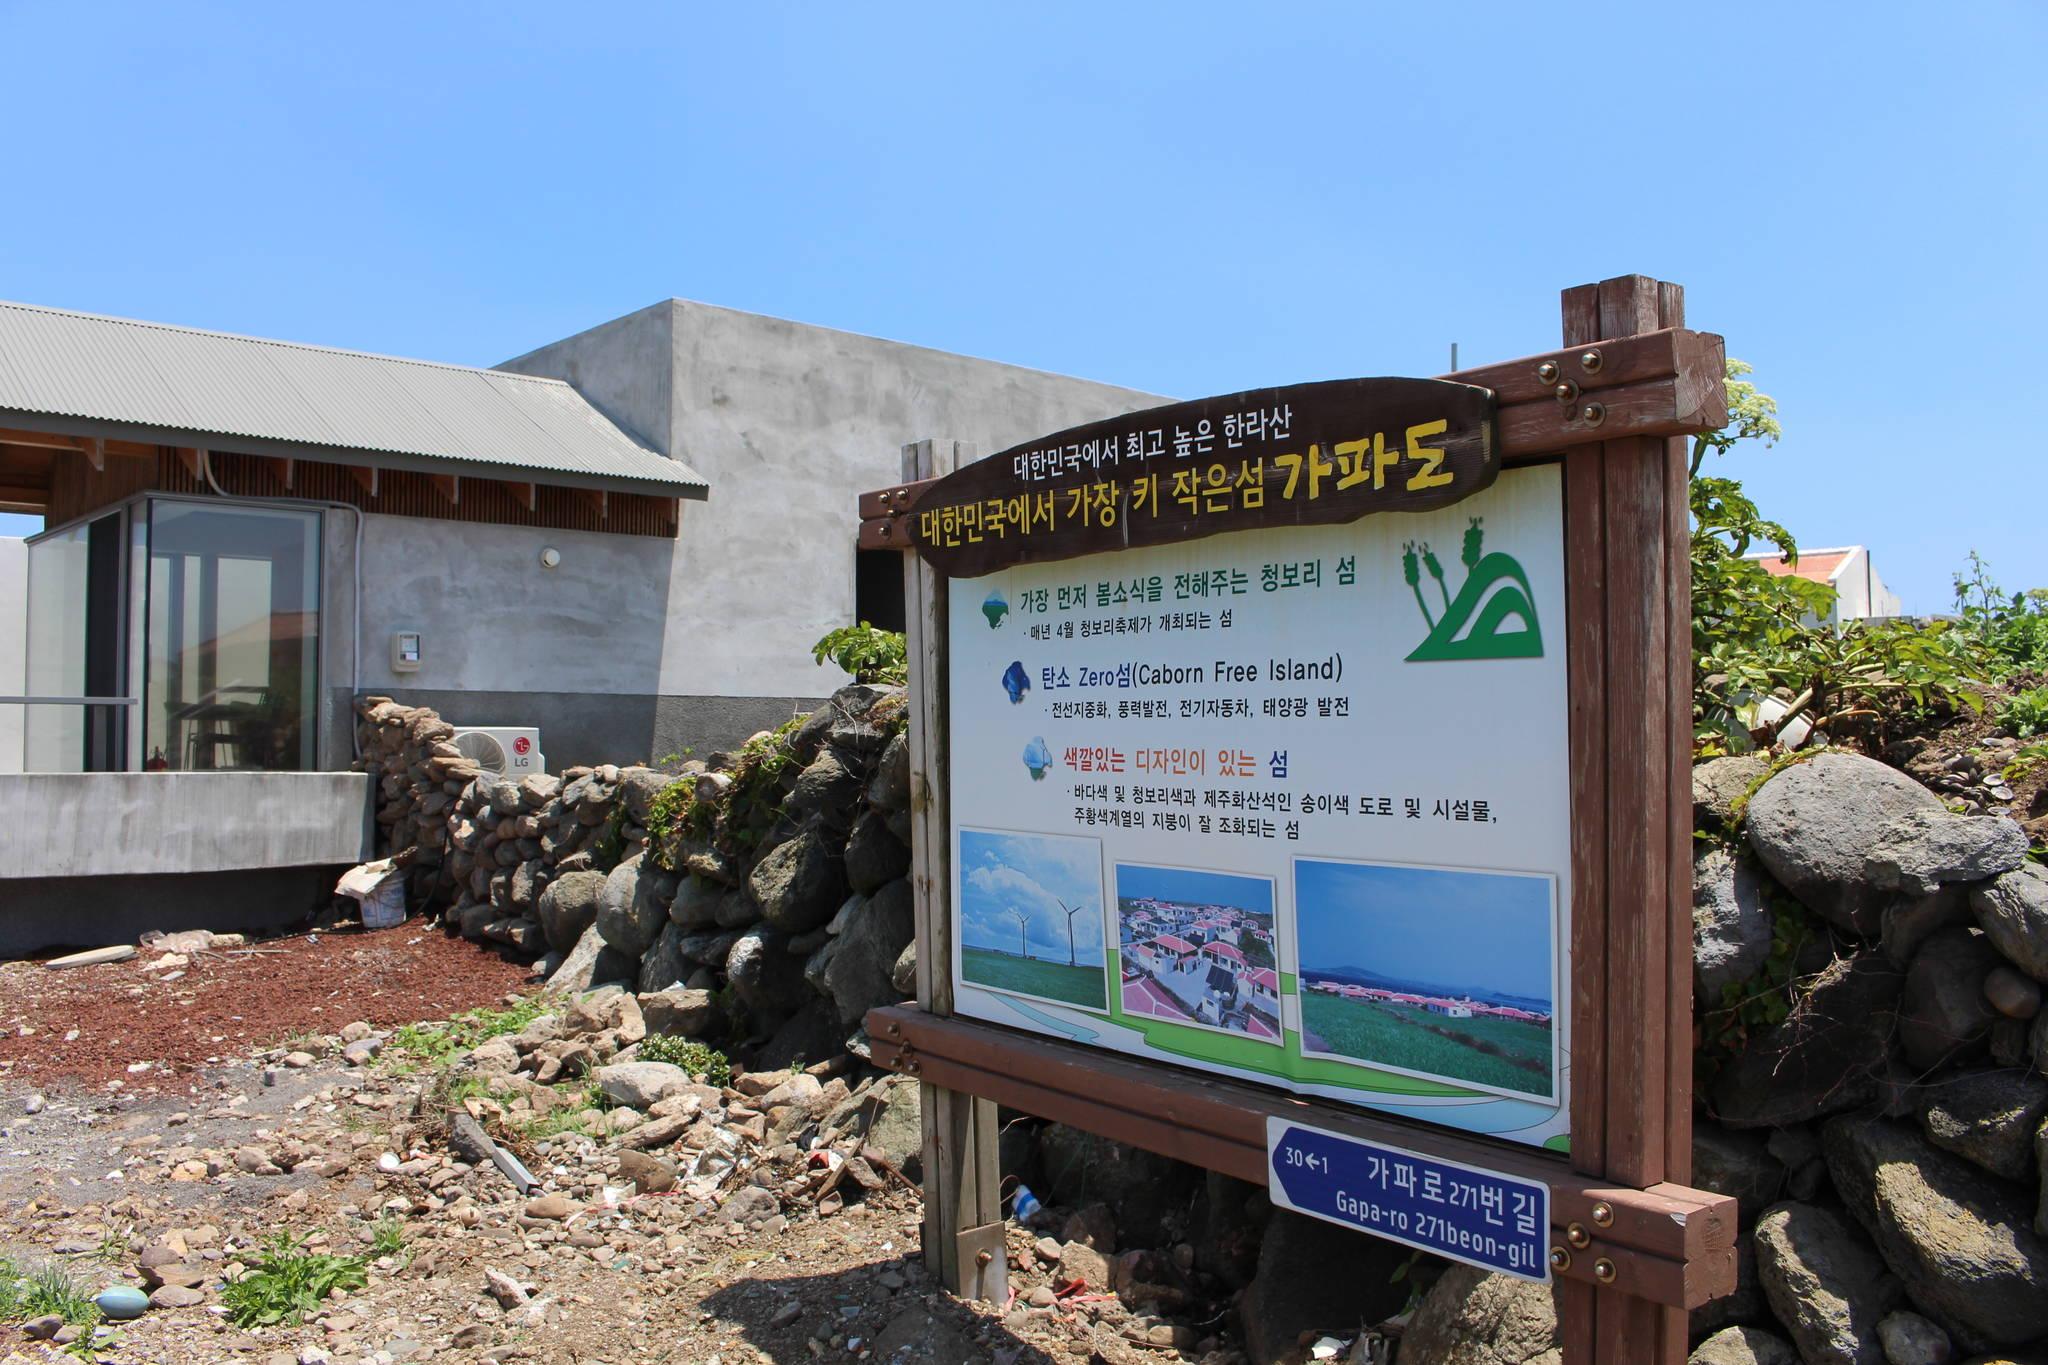 가파도 선착장에 설치된 '탄소 없는 섬' 안내판. '탄소 제로(Zero)'라고 돼 있다. 전영선 기자